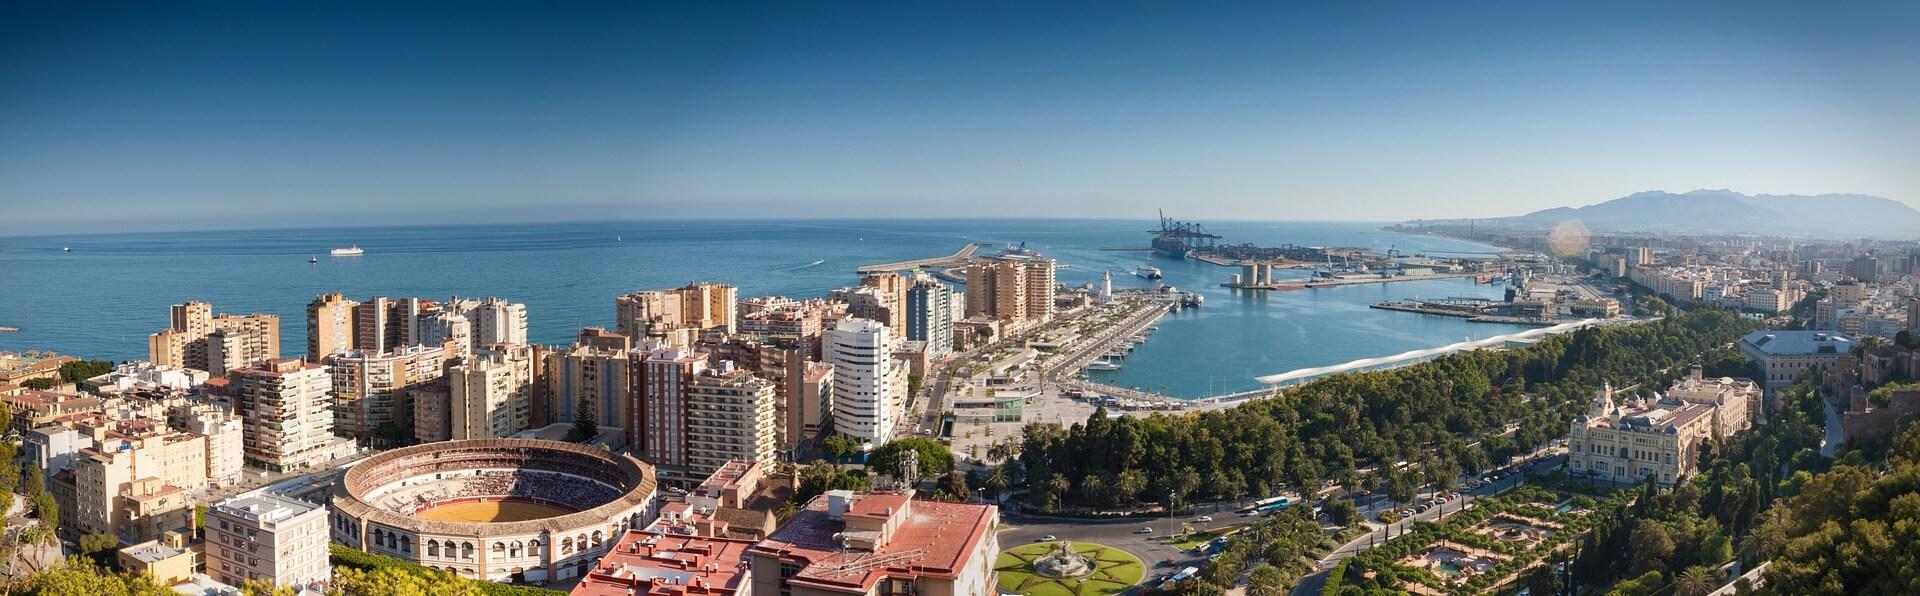 Direktflüge und Billigflüge nach Spanien